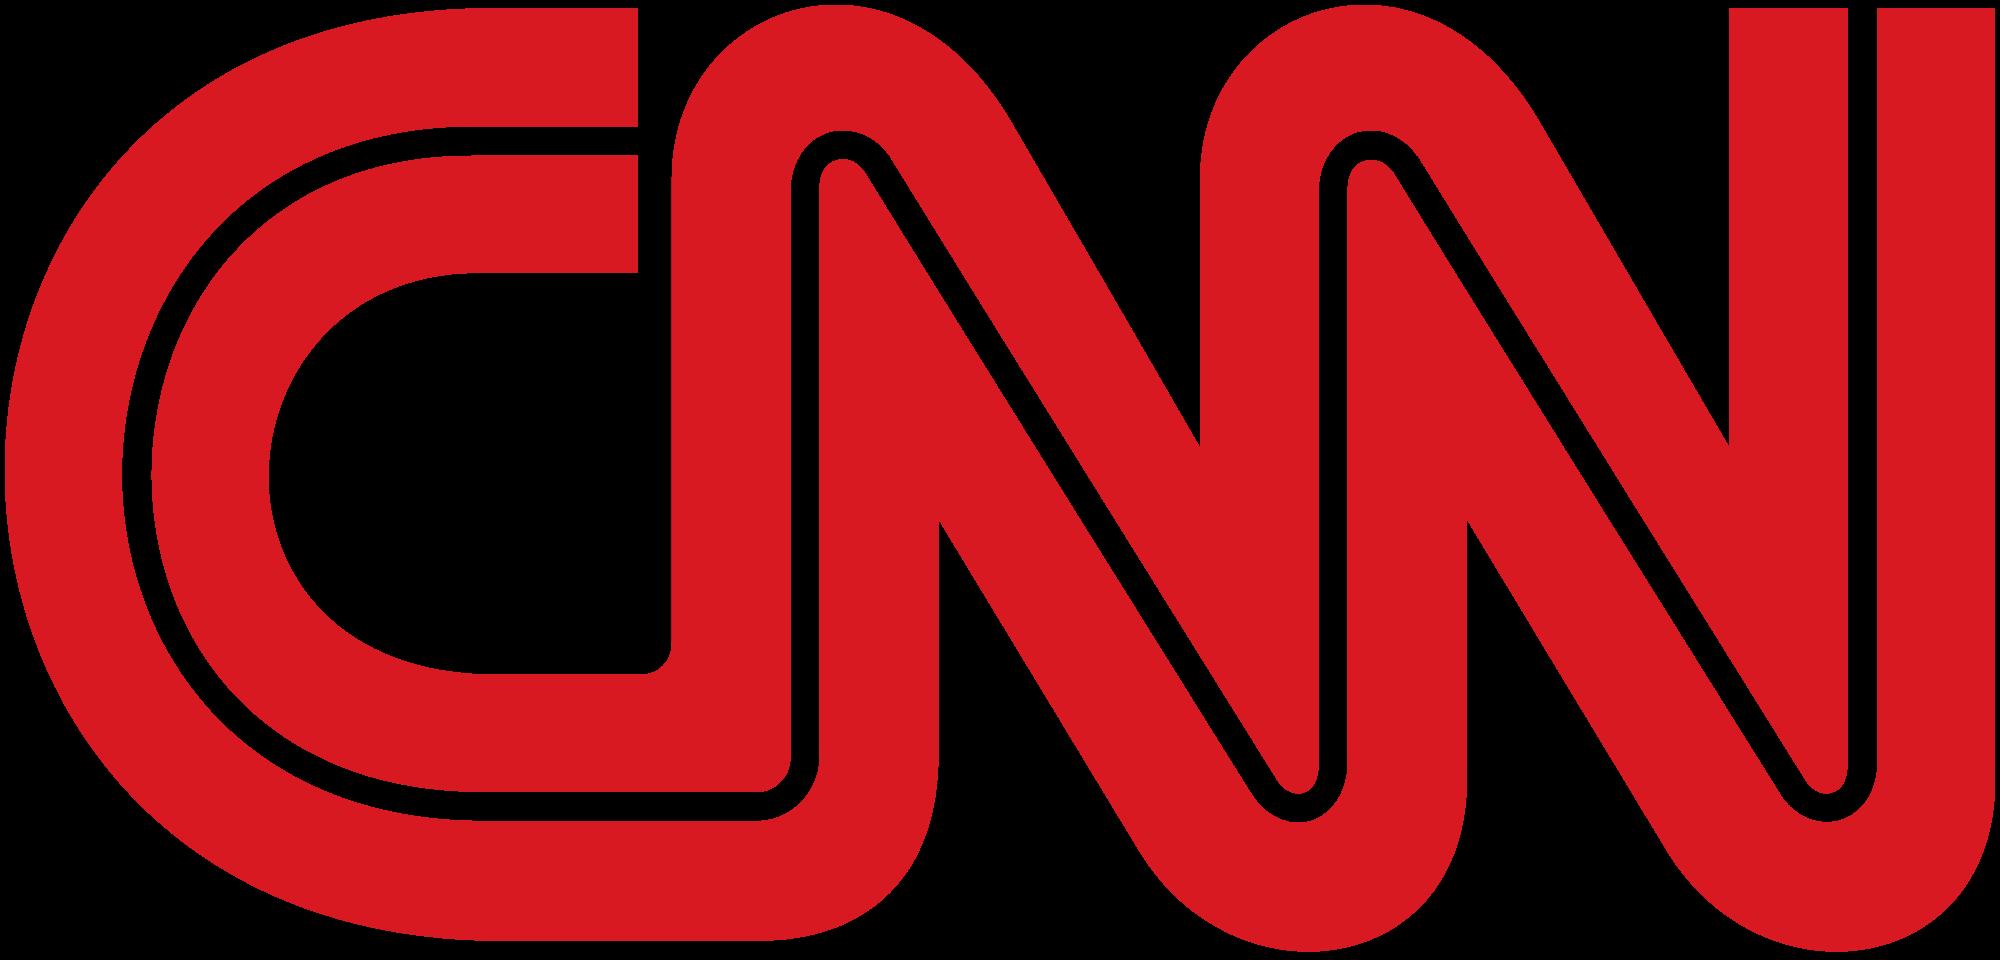 cnn - photo #5